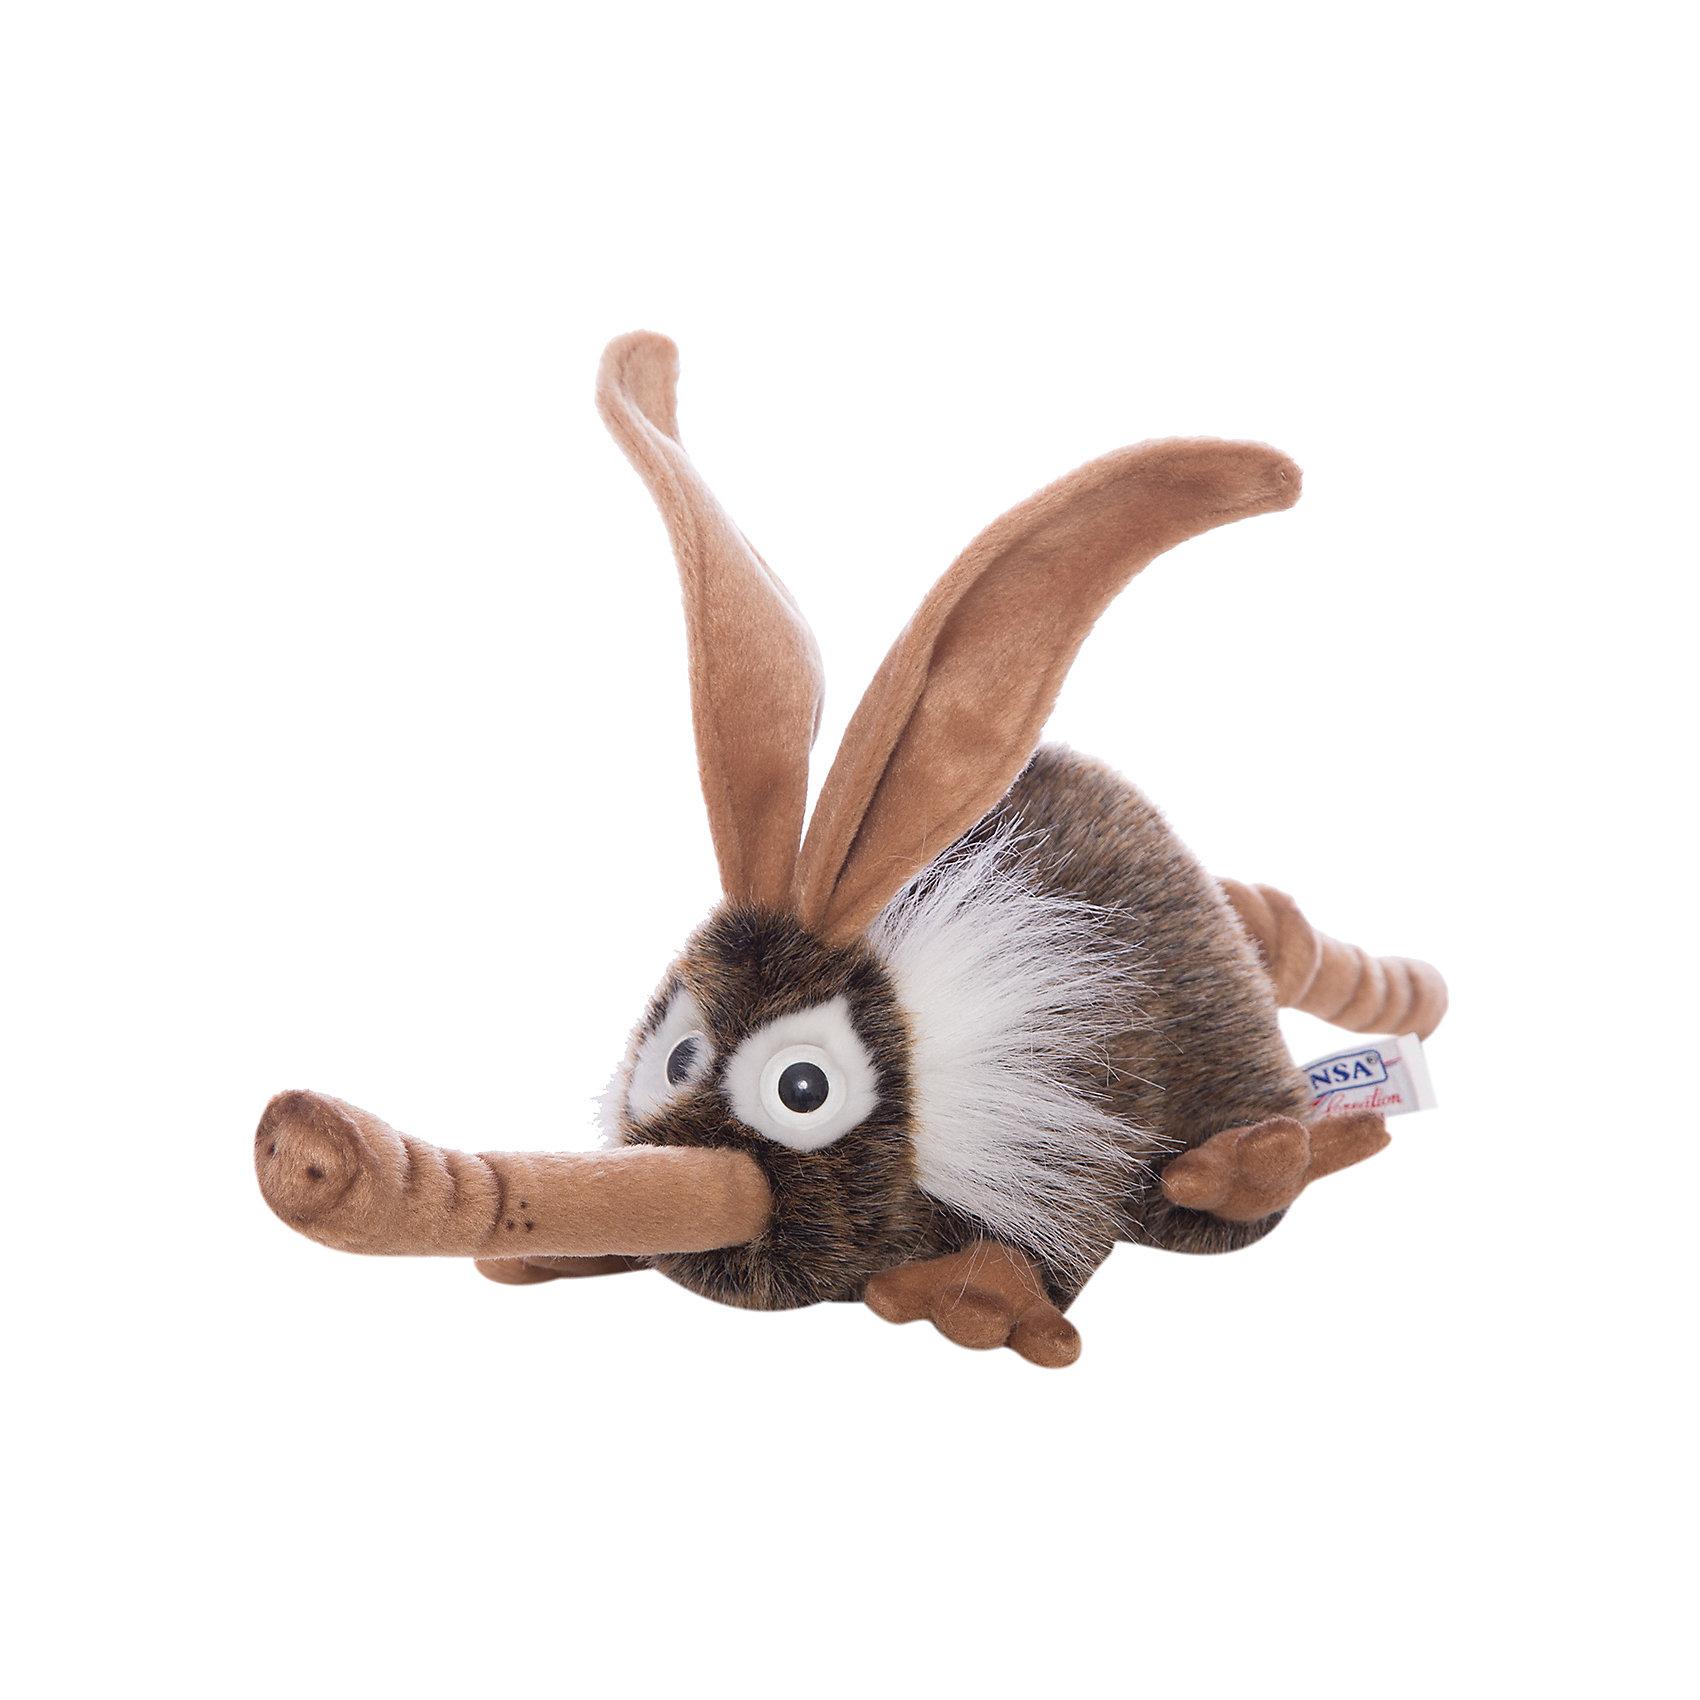 Hansa Троль с носом, 26Мягкие игрушки животные<br>Торговая марка Hansa стала широко известной и популярной практически во всем мире и получила множество международных призов. Игрушки максимально точно копируют оригинал и могут быть выполнены в натуральную величину. Шьются и набиваются вручную, что позволяет достигнуть максимальной реалистичности образа. Изготавливаются из искусственного меха, специально обработанного для придания схожести с мехом конкретного вида животного. Снабжены проволочным каркасом. При помощи игрушек Hansa можно создавать различные интерьерные образы в детских, студиях и «живых уголках».<br><br>Ширина мм: 260<br>Глубина мм: 230<br>Высота мм: 140<br>Вес г: 250<br>Возраст от месяцев: 36<br>Возраст до месяцев: 144<br>Пол: Унисекс<br>Возраст: Детский<br>SKU: 2541746